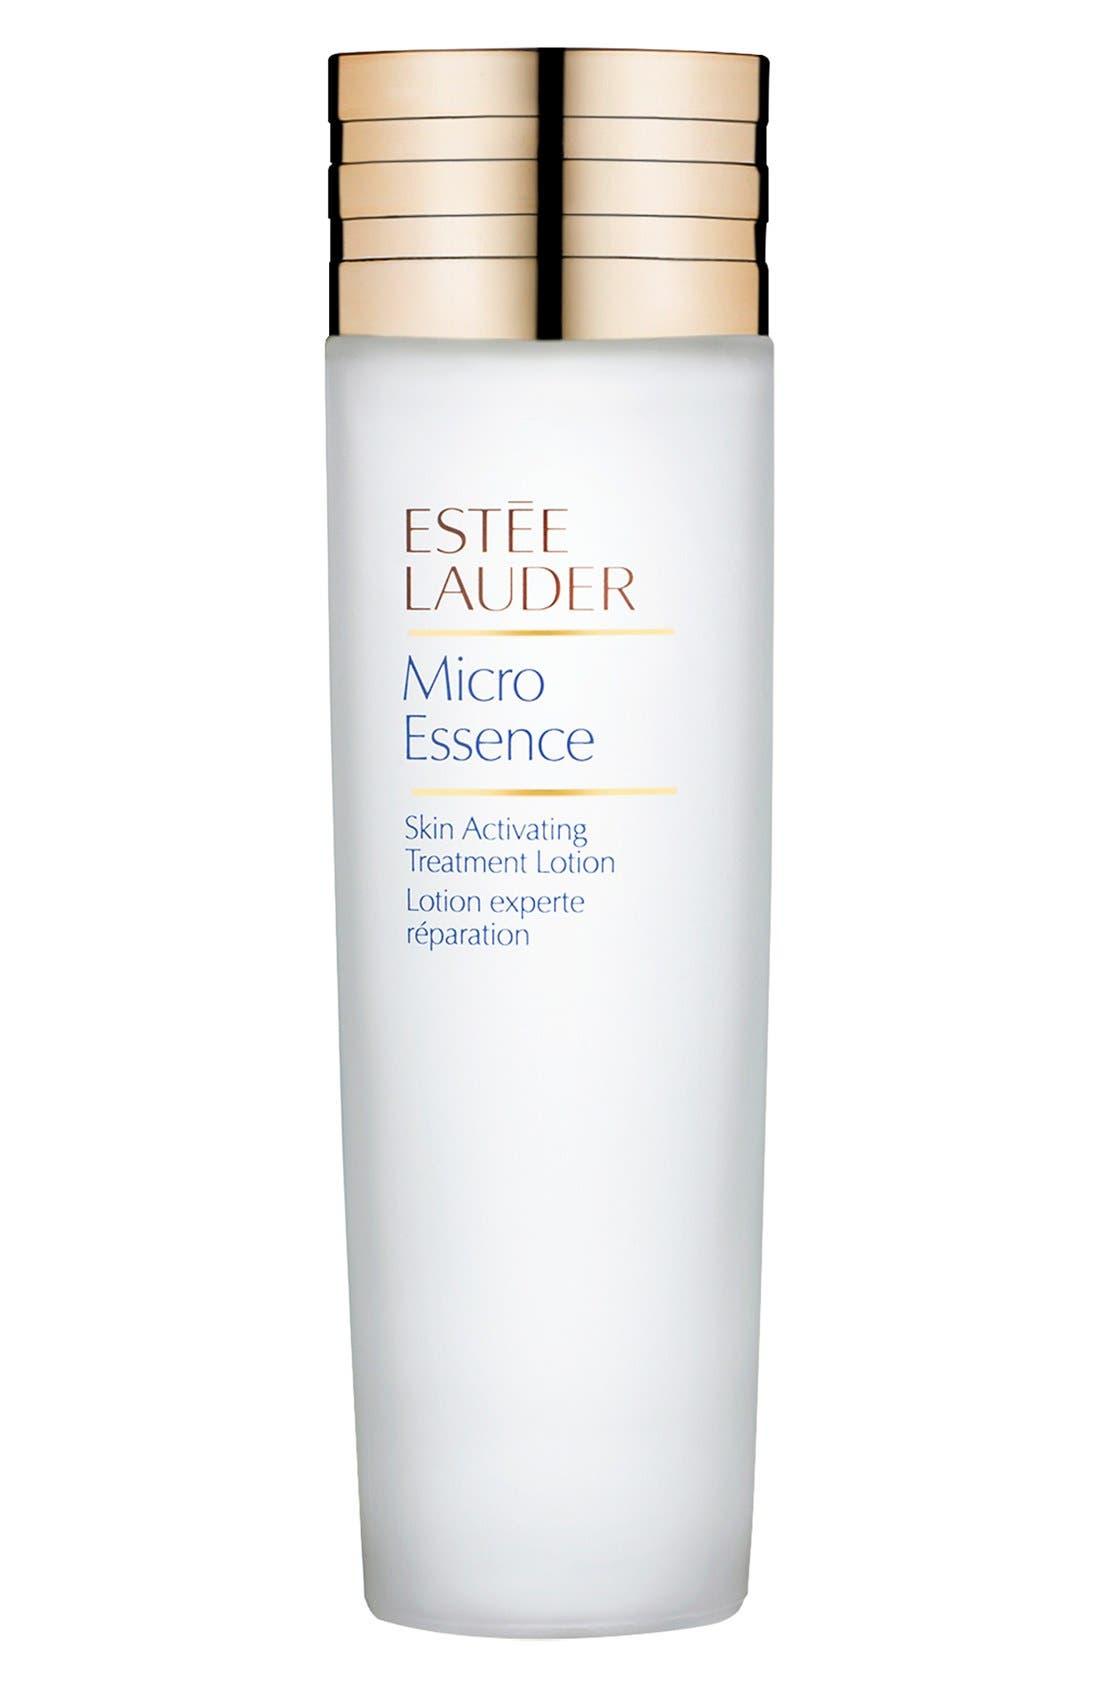 Estée Lauder 'Micro Essence' Skin Activating Treatment Lotion